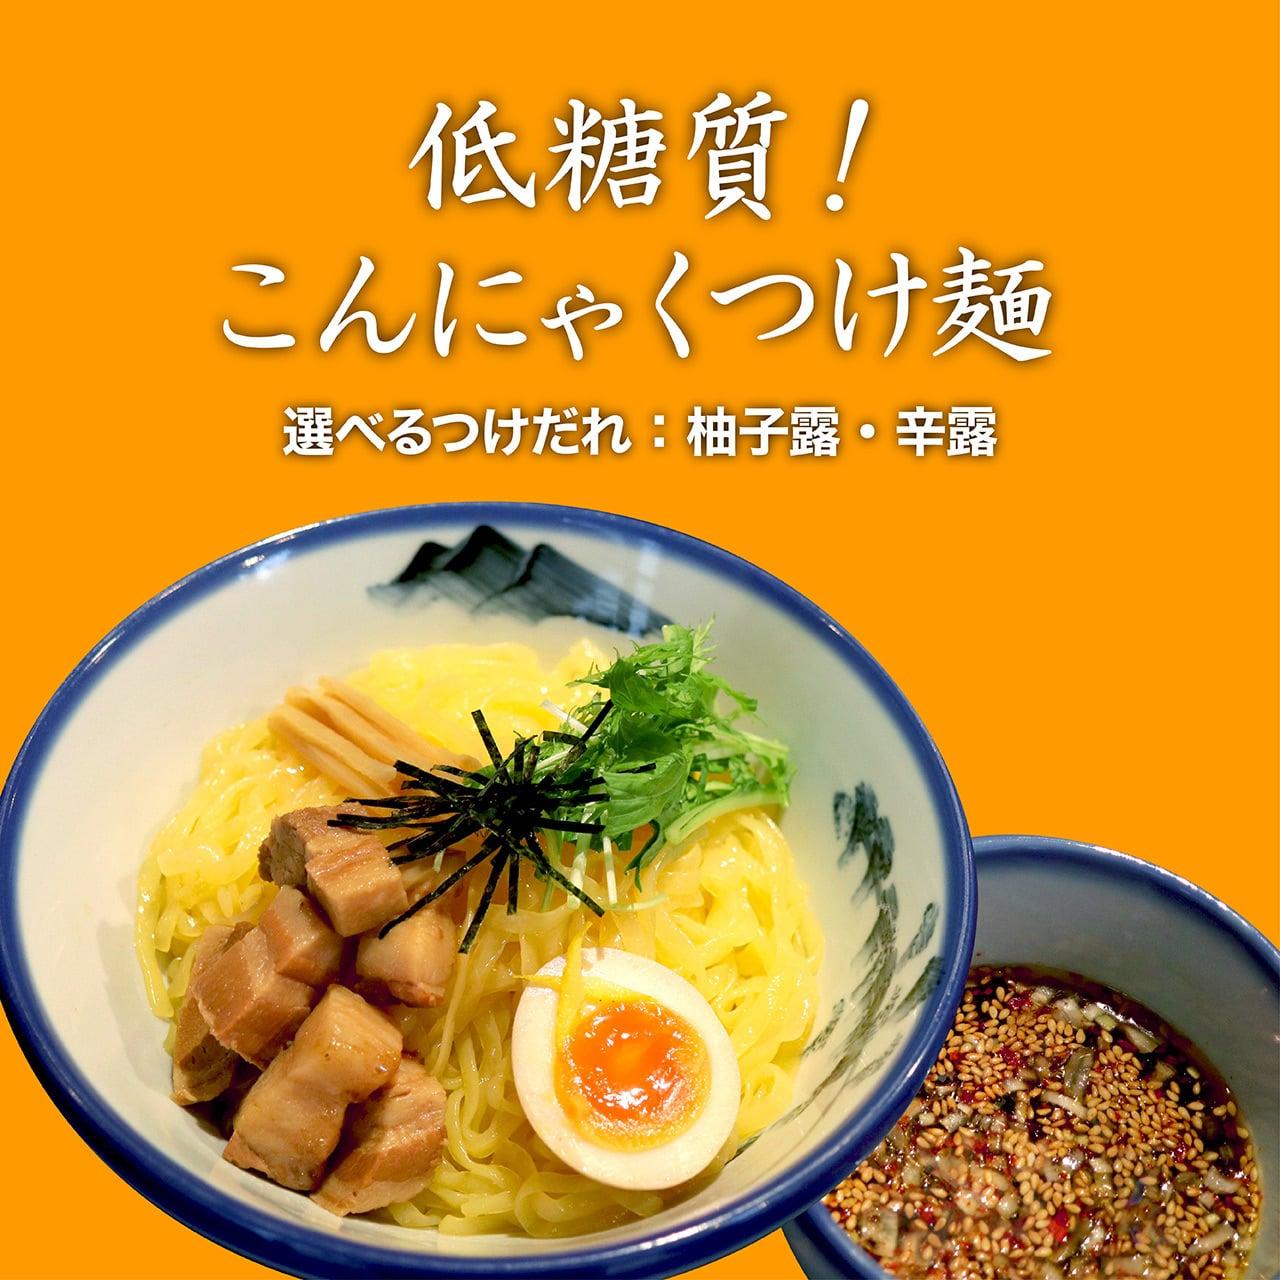 【選べる】こんにゃくつけ麺 3食入り